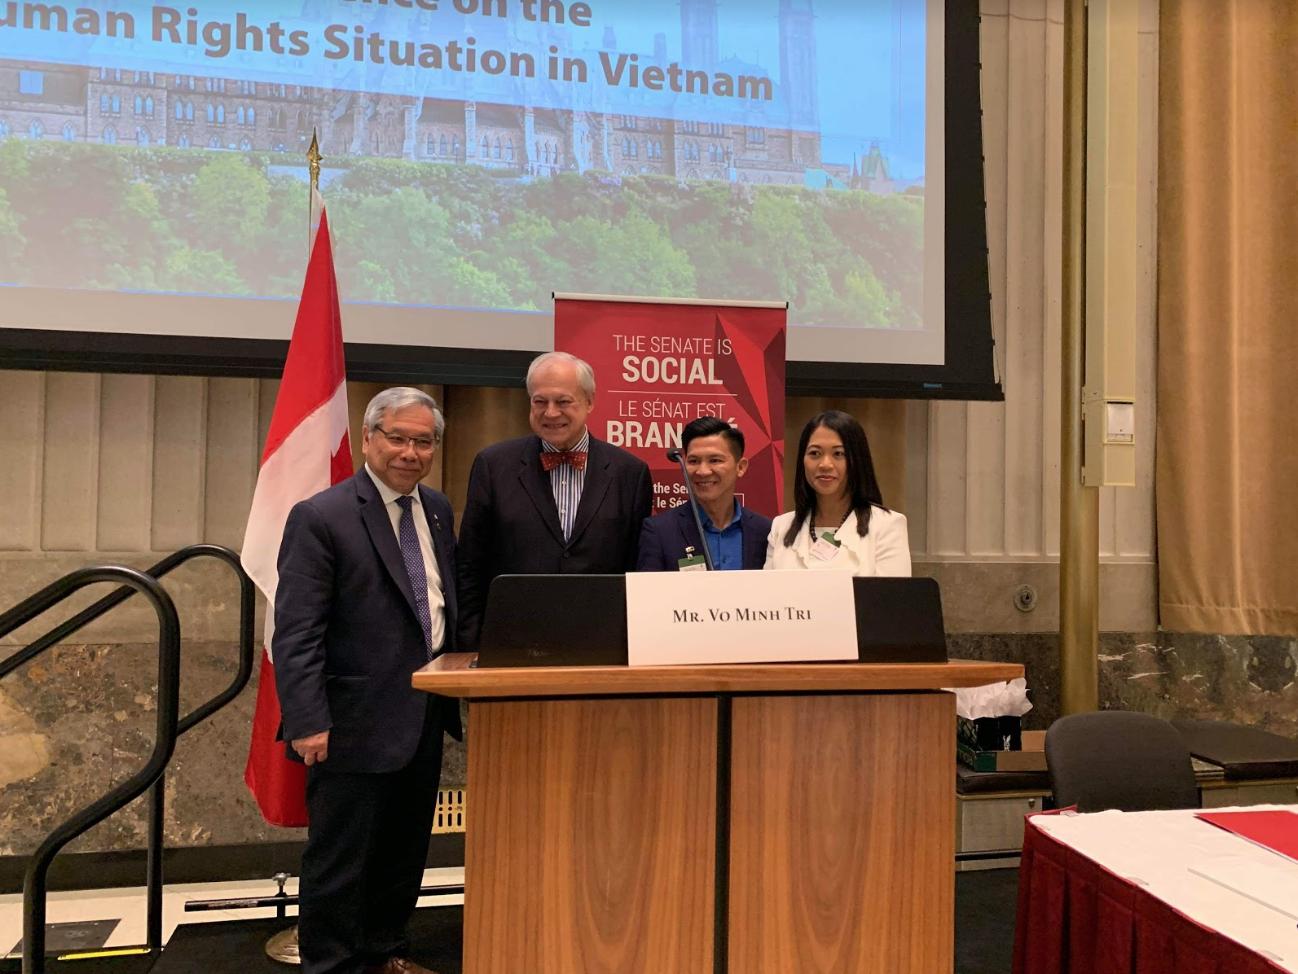 Nhạc sĩ Việt Khang dự hội nghị nhân quyền Việt Nam tại Ottawa, Canada